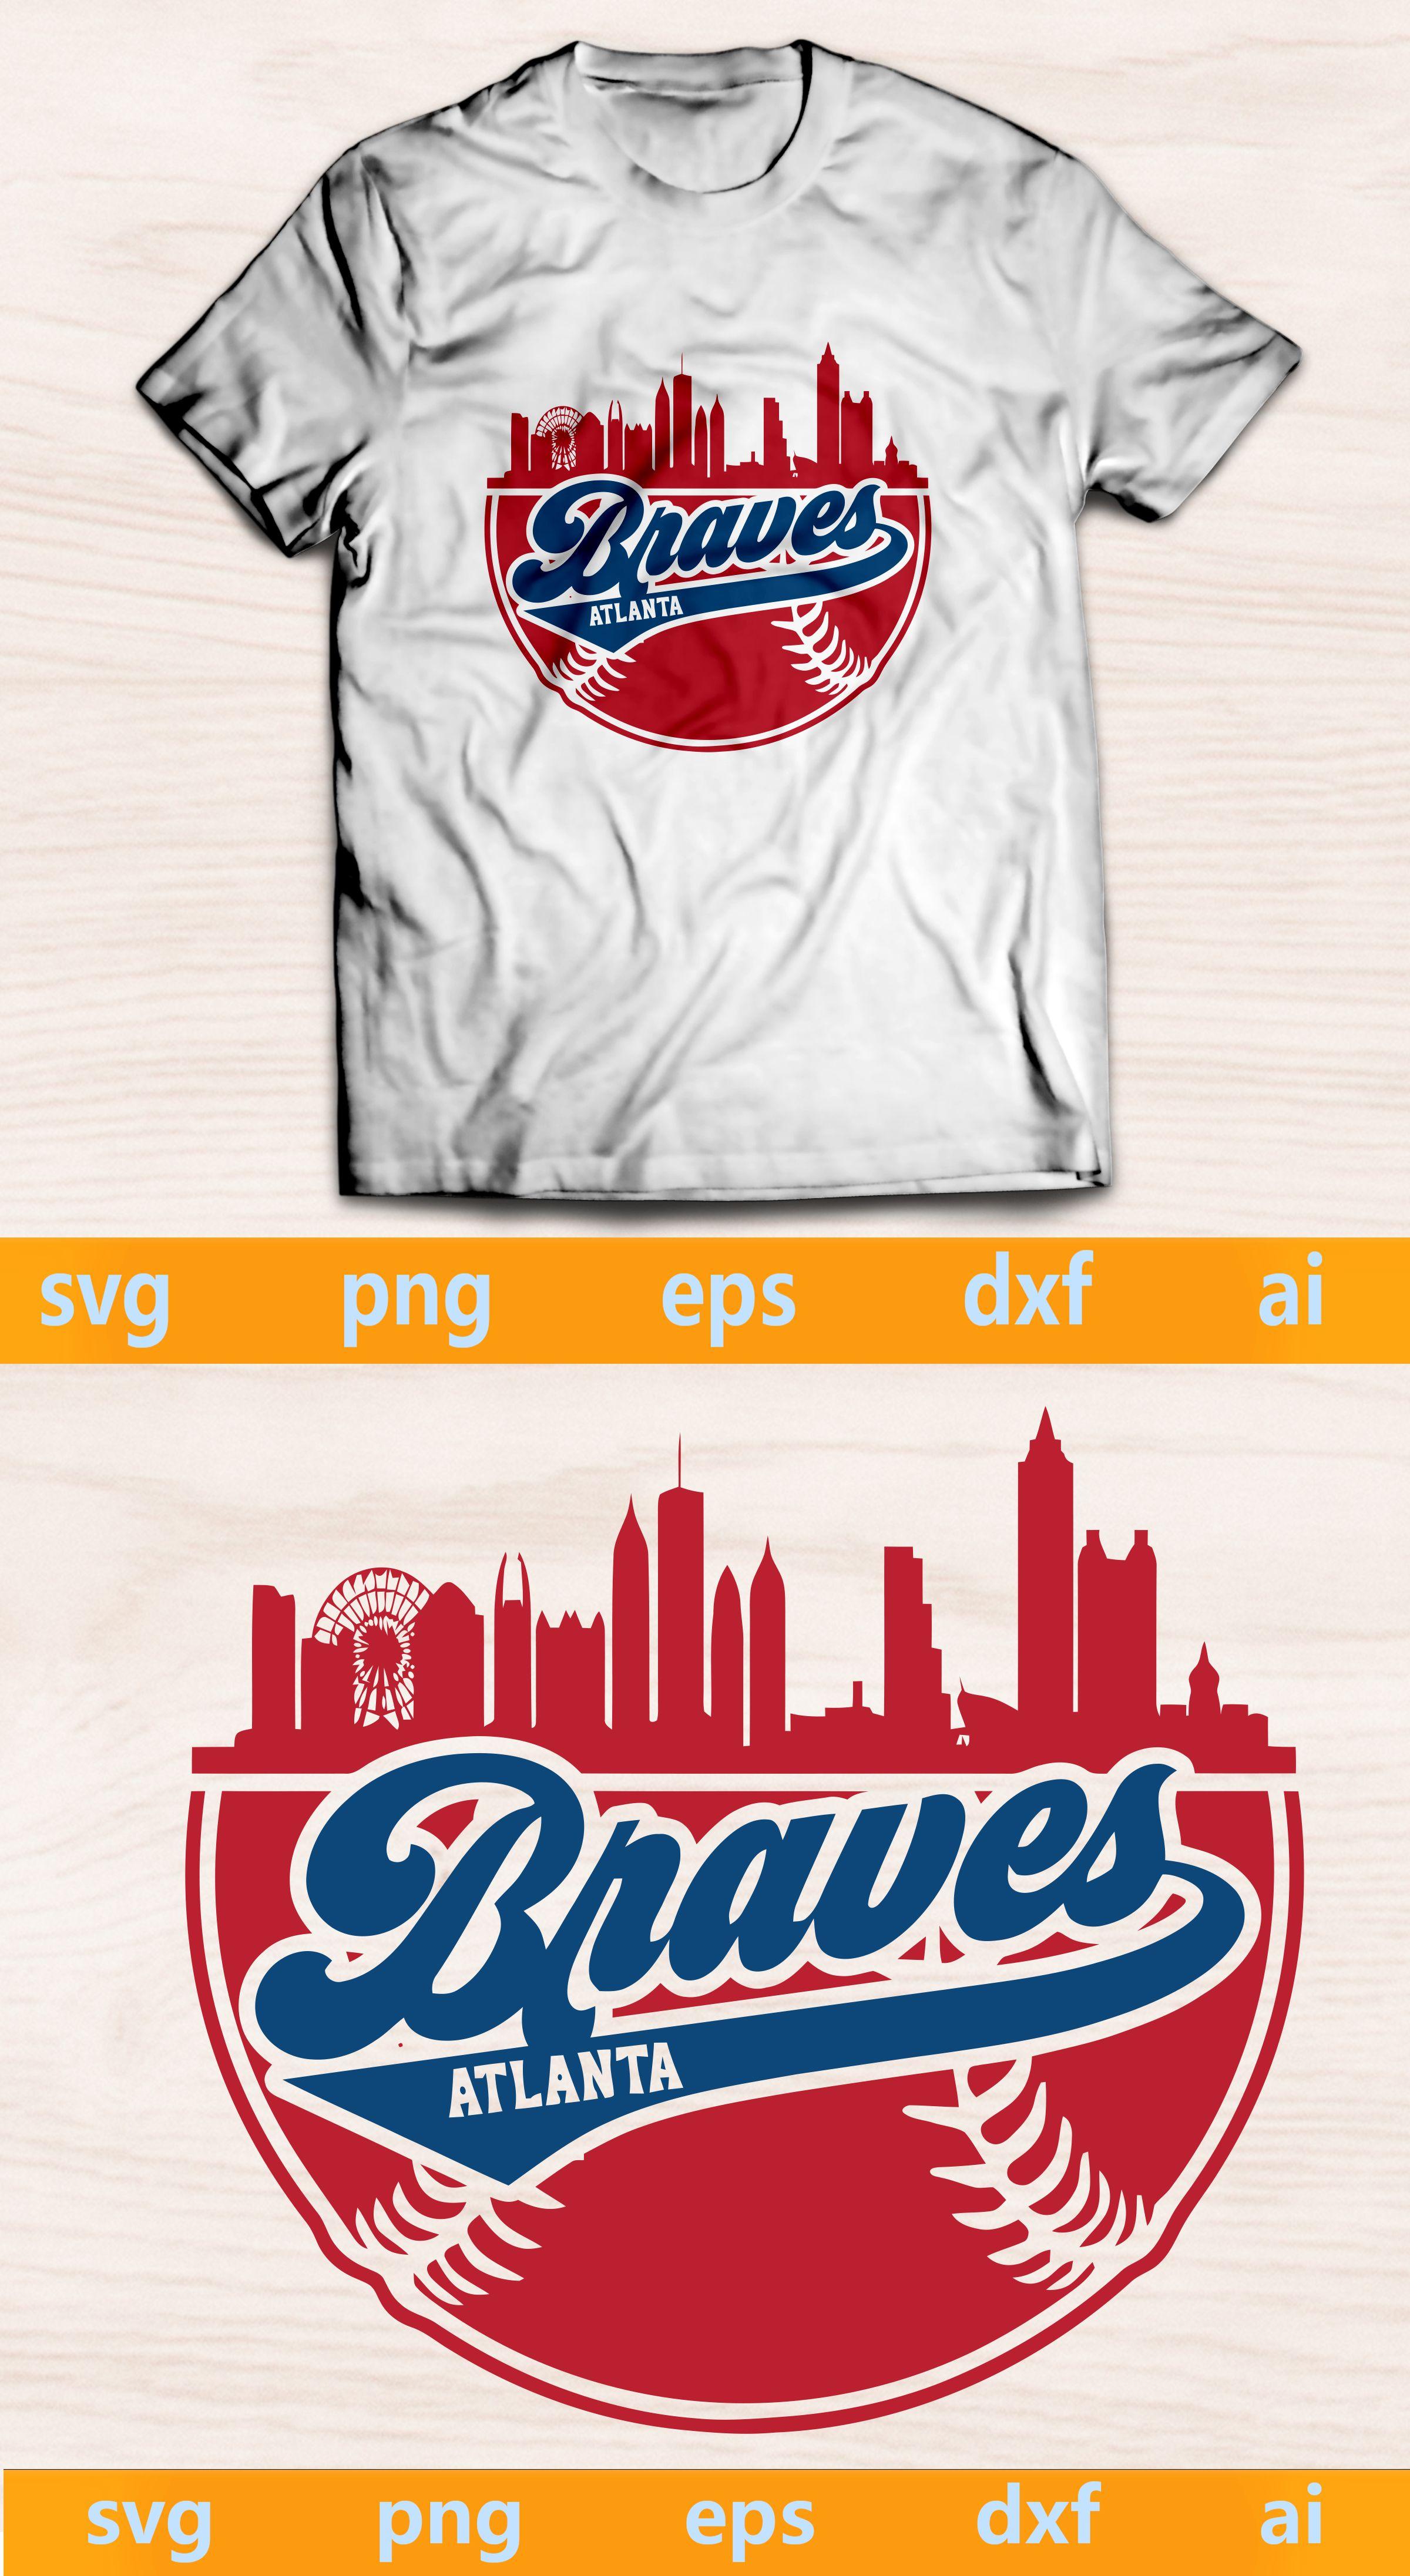 Braves Svg Braves Ai Braves Png Braves Eps Braves Dxf Braves Silhouette Atlanta Braves Svg Braves Baseball Skyline Baseball Team Svg In 2020 Atlanta Braves Braves Baseball Braves